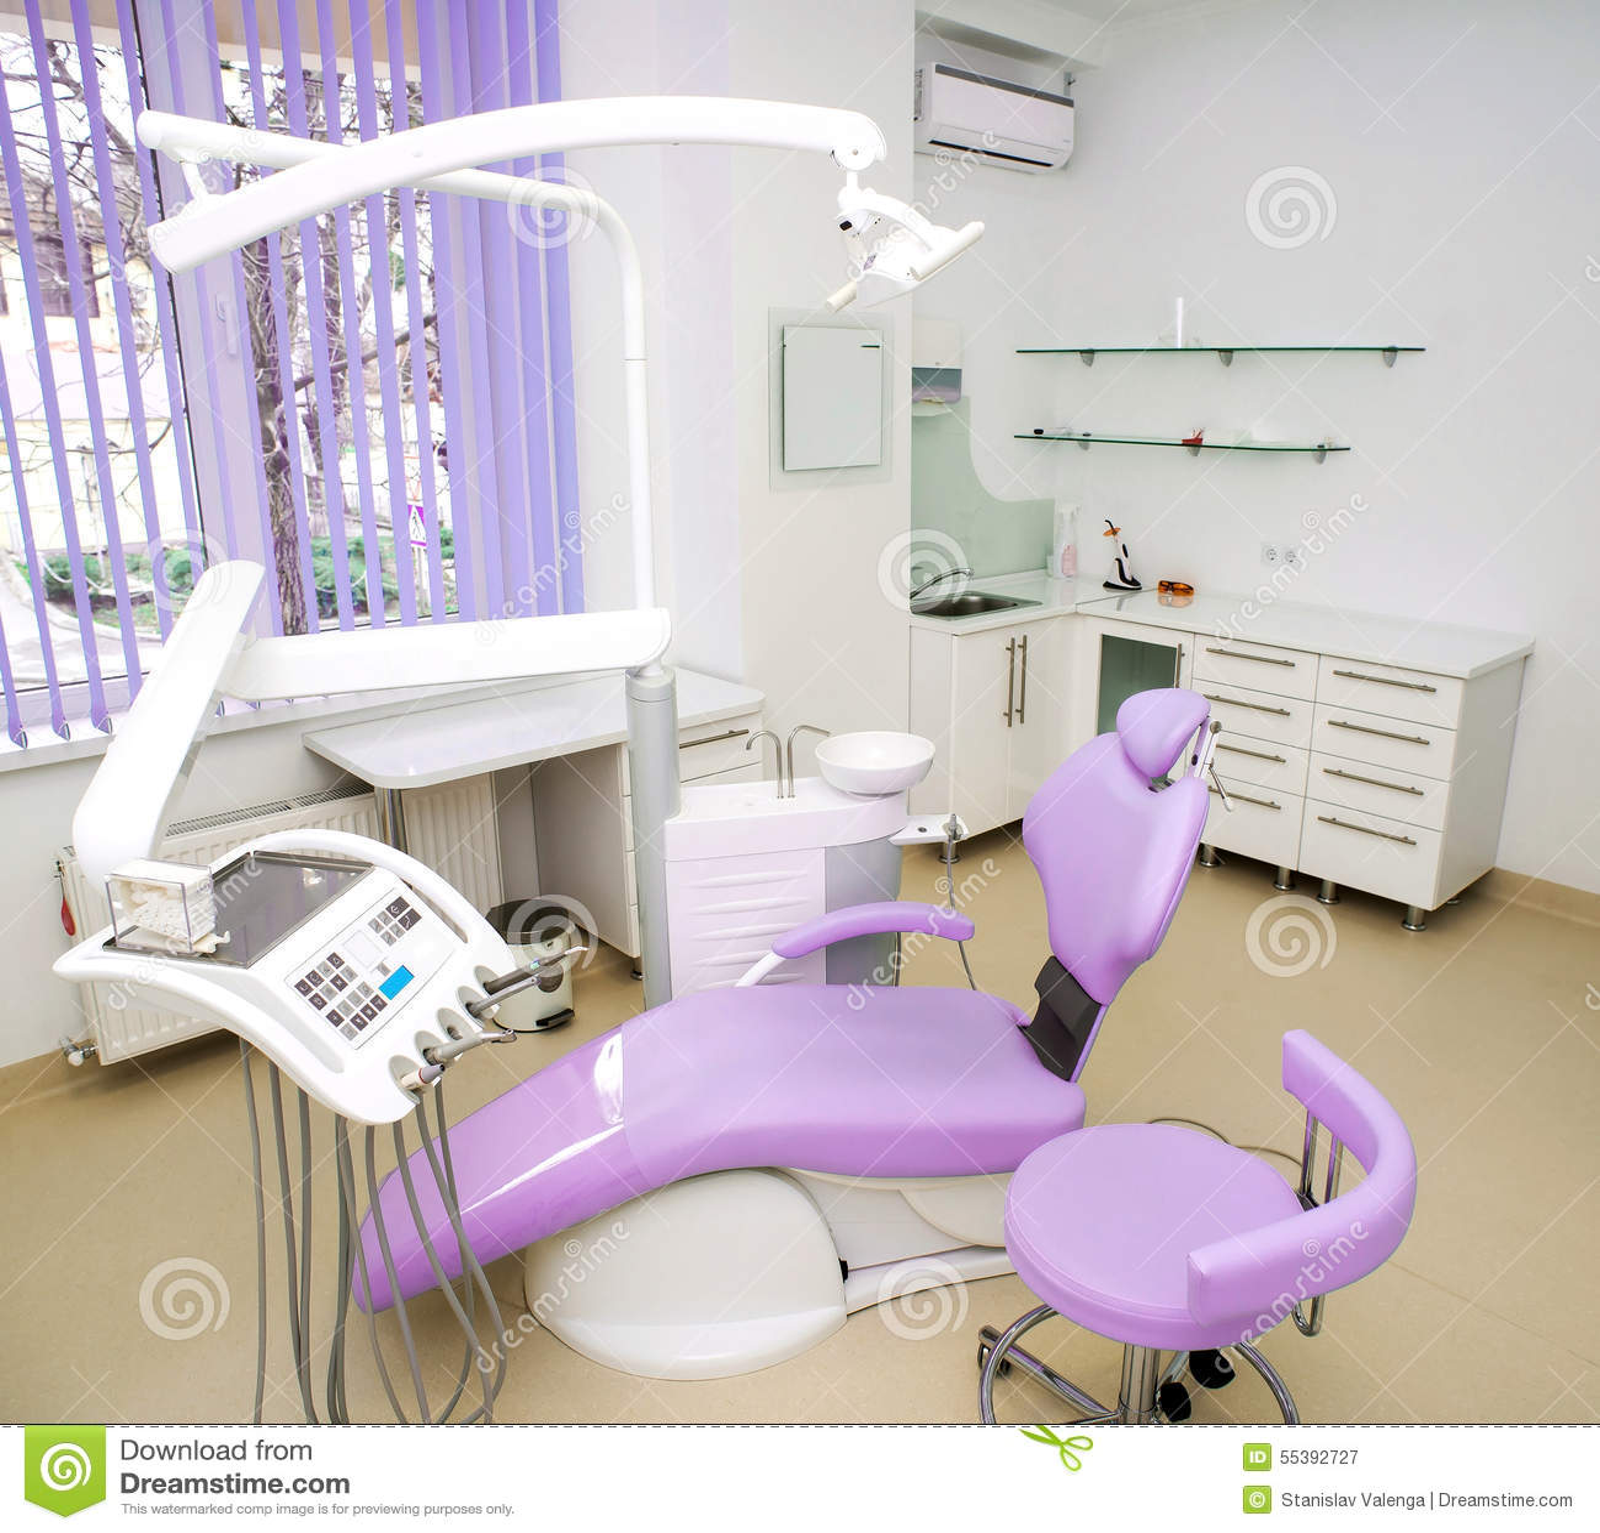 Diseño Interior De La Clínica Dental Con La Silla Y Las Herramientas ...